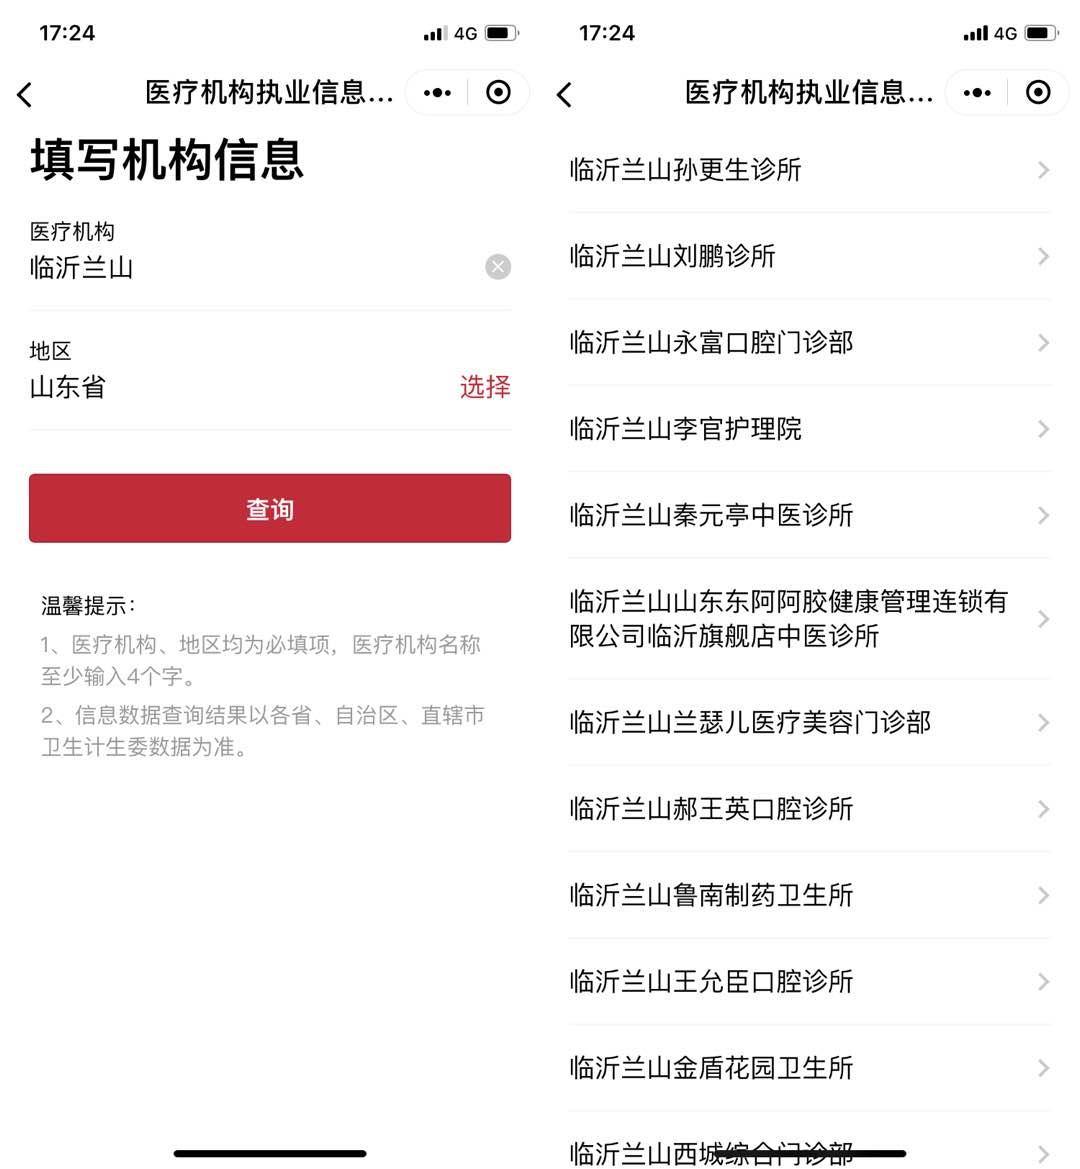 微信「小程序」推荐 | iPhone 有哪些小程序可以极大地便利生活?